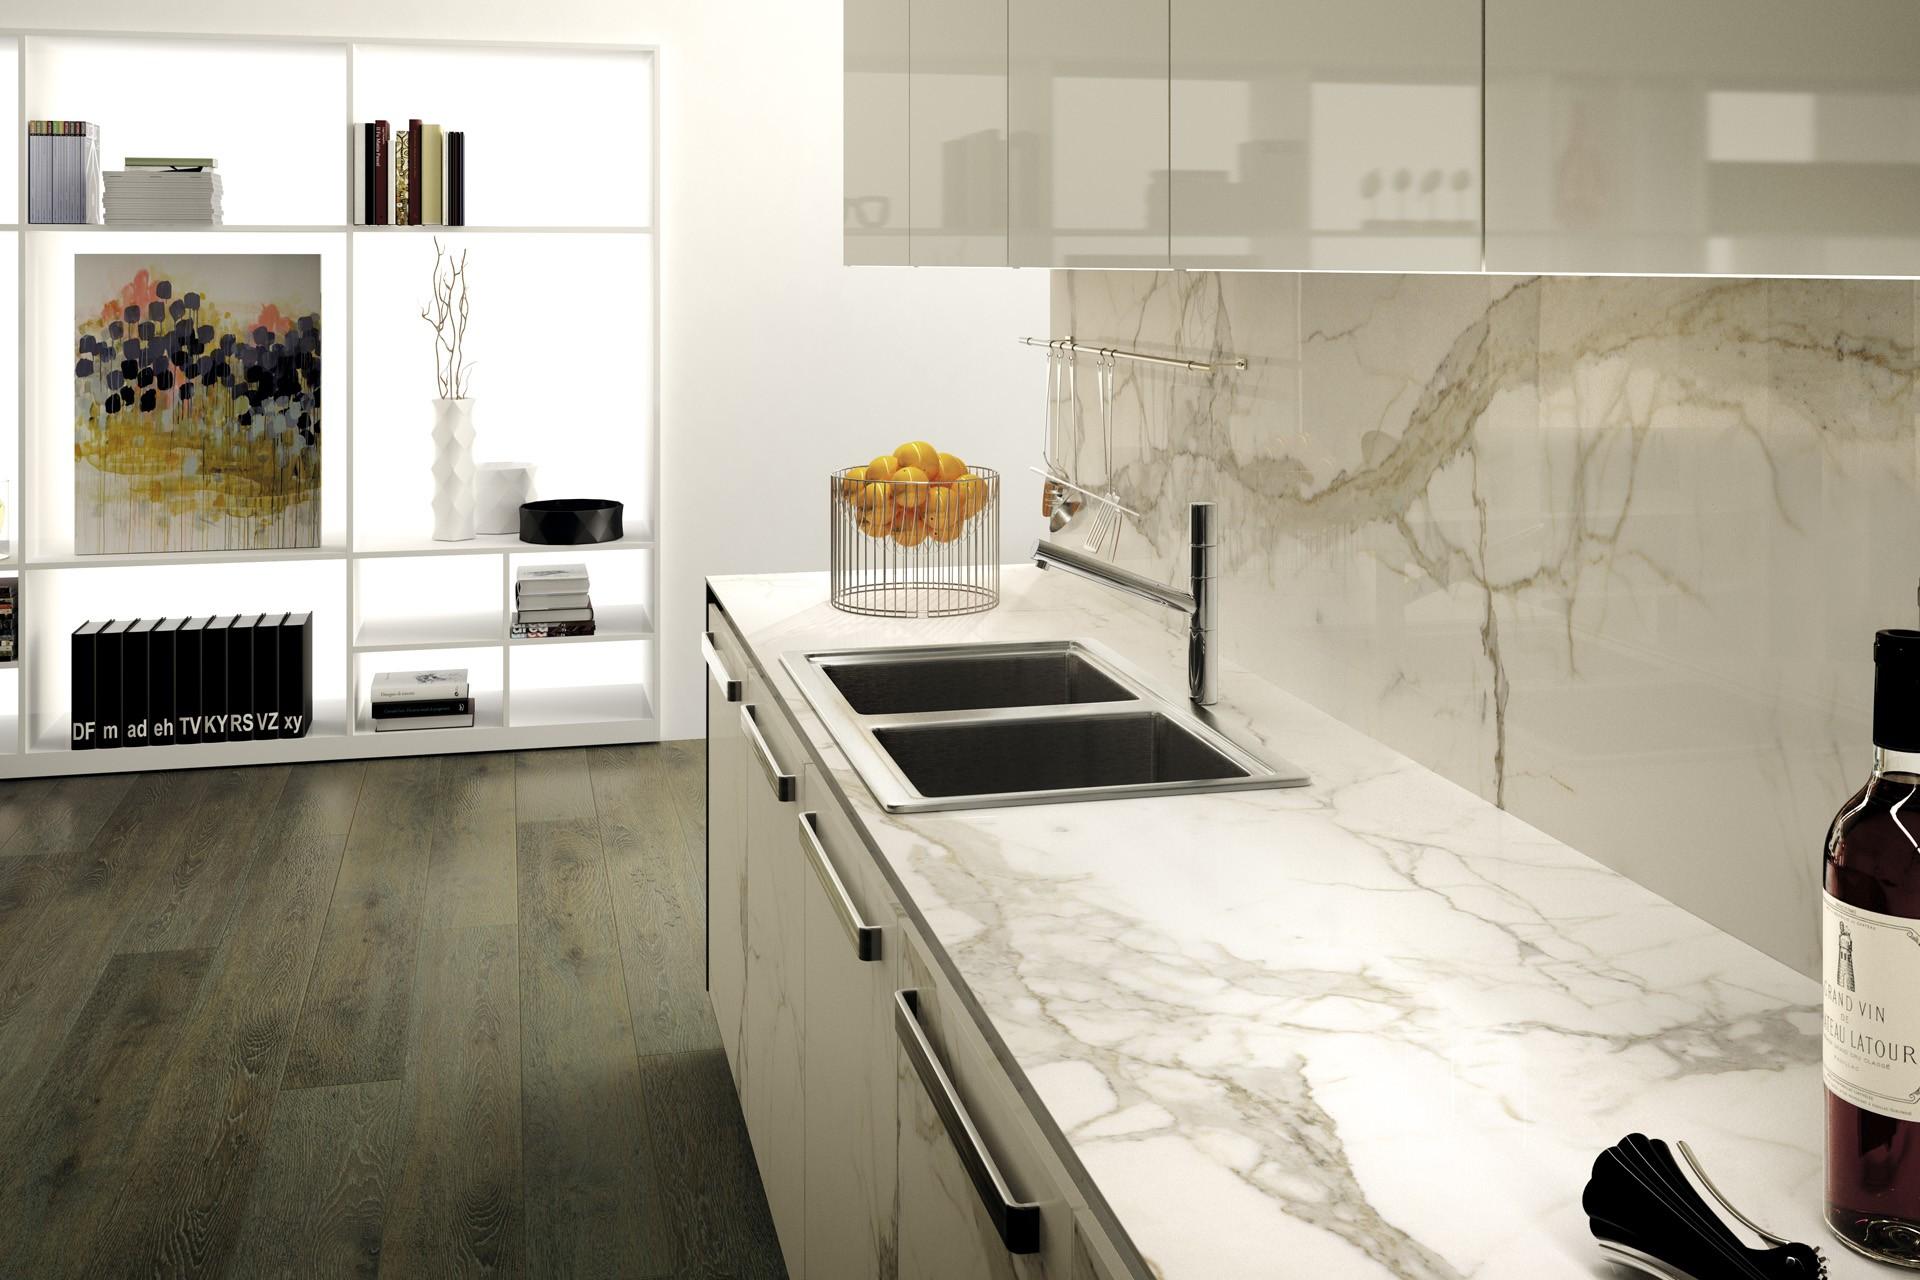 Carrelage Gres Cerame Effet Marbre Mf Calacatta Rectifie Casalux Home Design